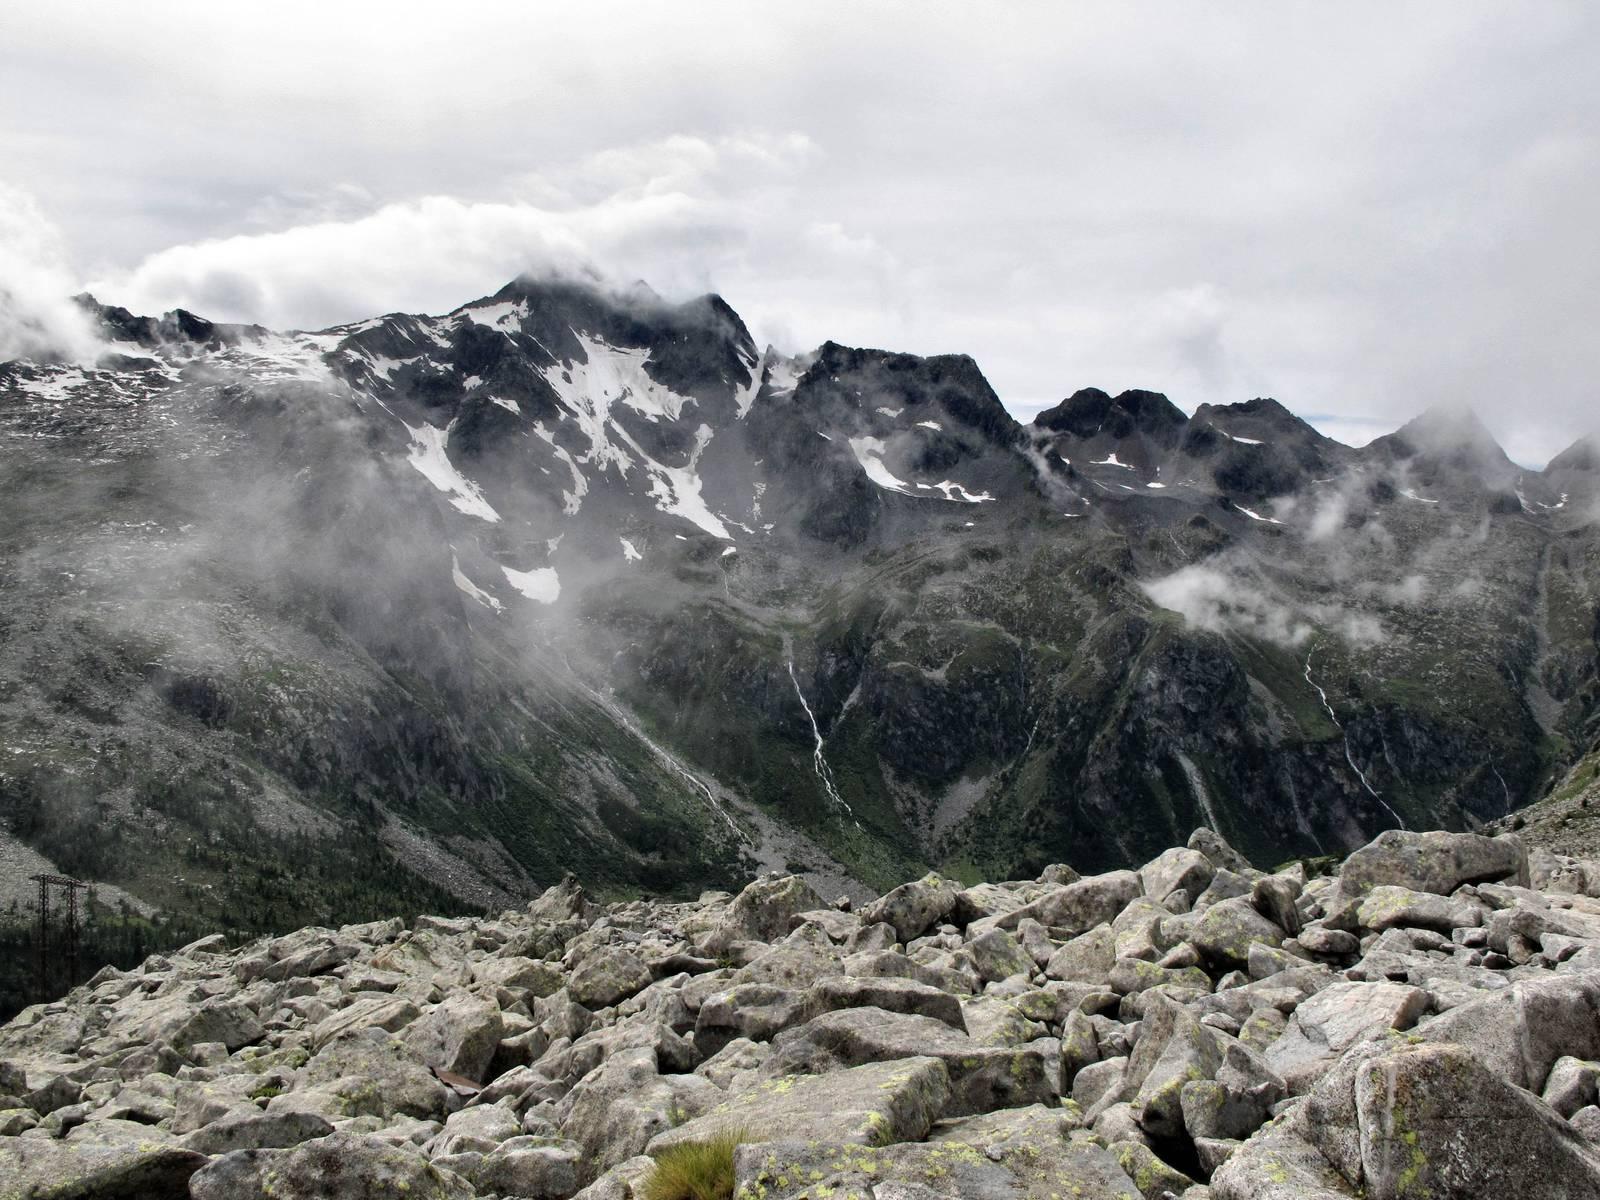 Passi-nella-neve-9-agosto-2014_Narrazione-in-cammino-destinazione-Garibaldi48 Copia